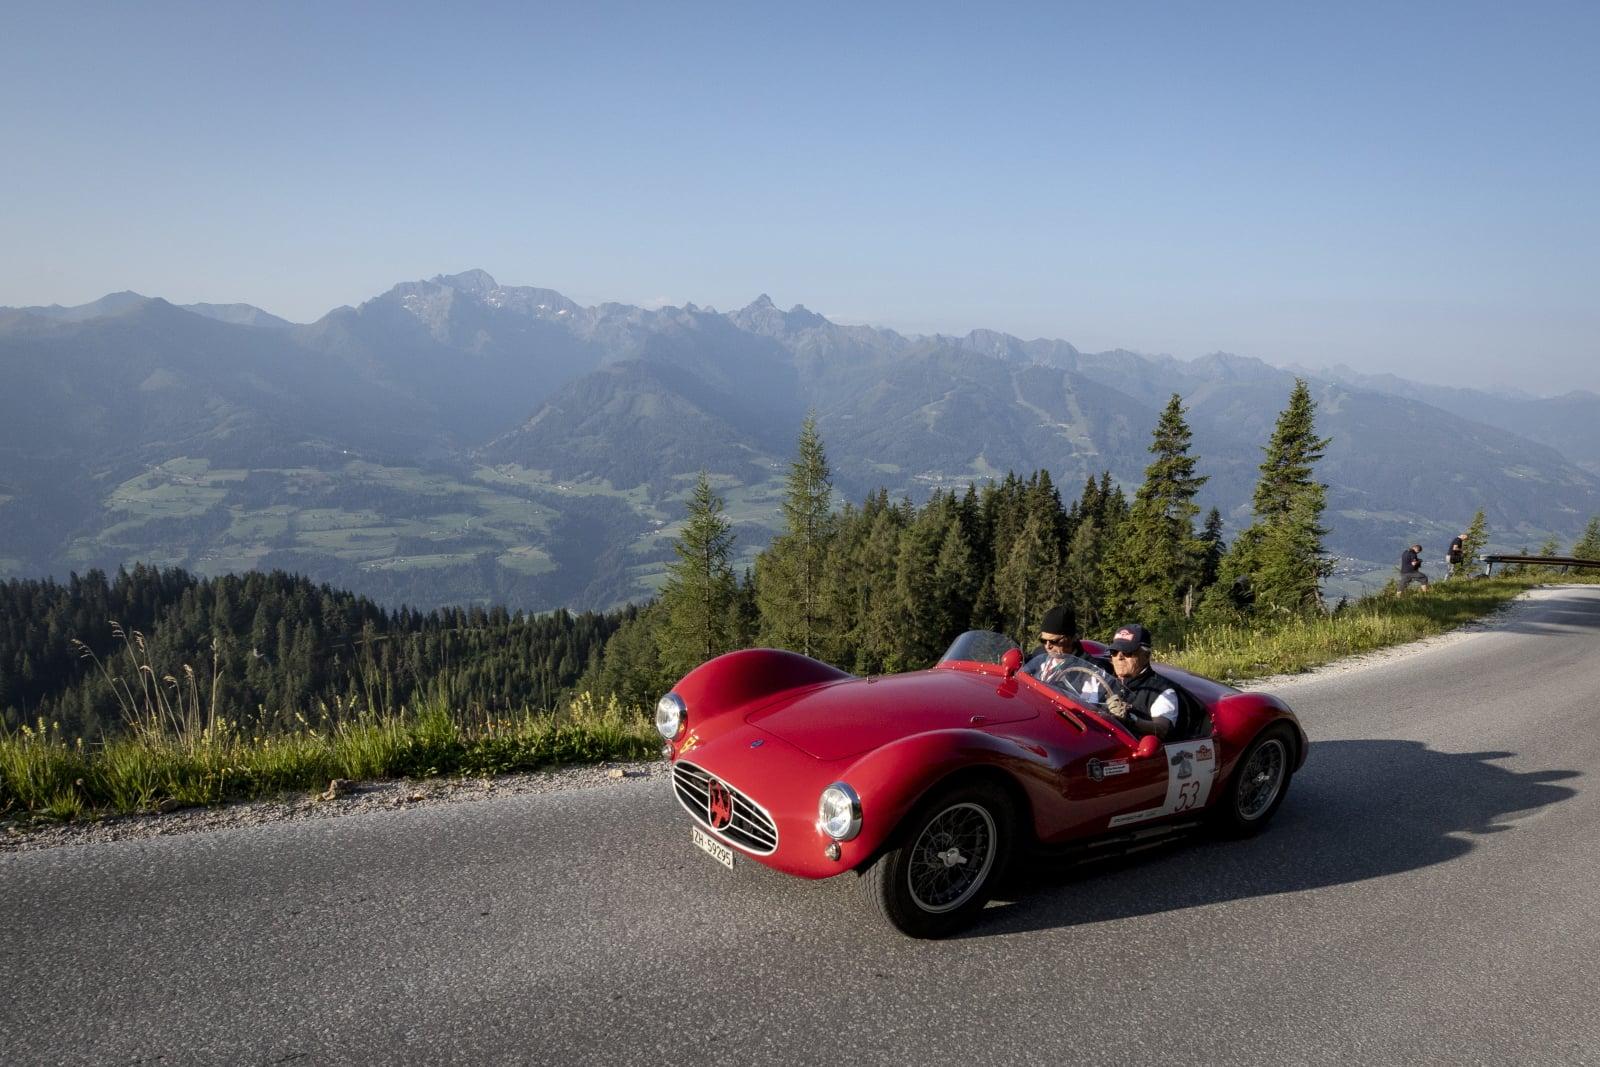 Rajd klasycznych samochodów fot. EPA/CHRISTIAN BRUNA